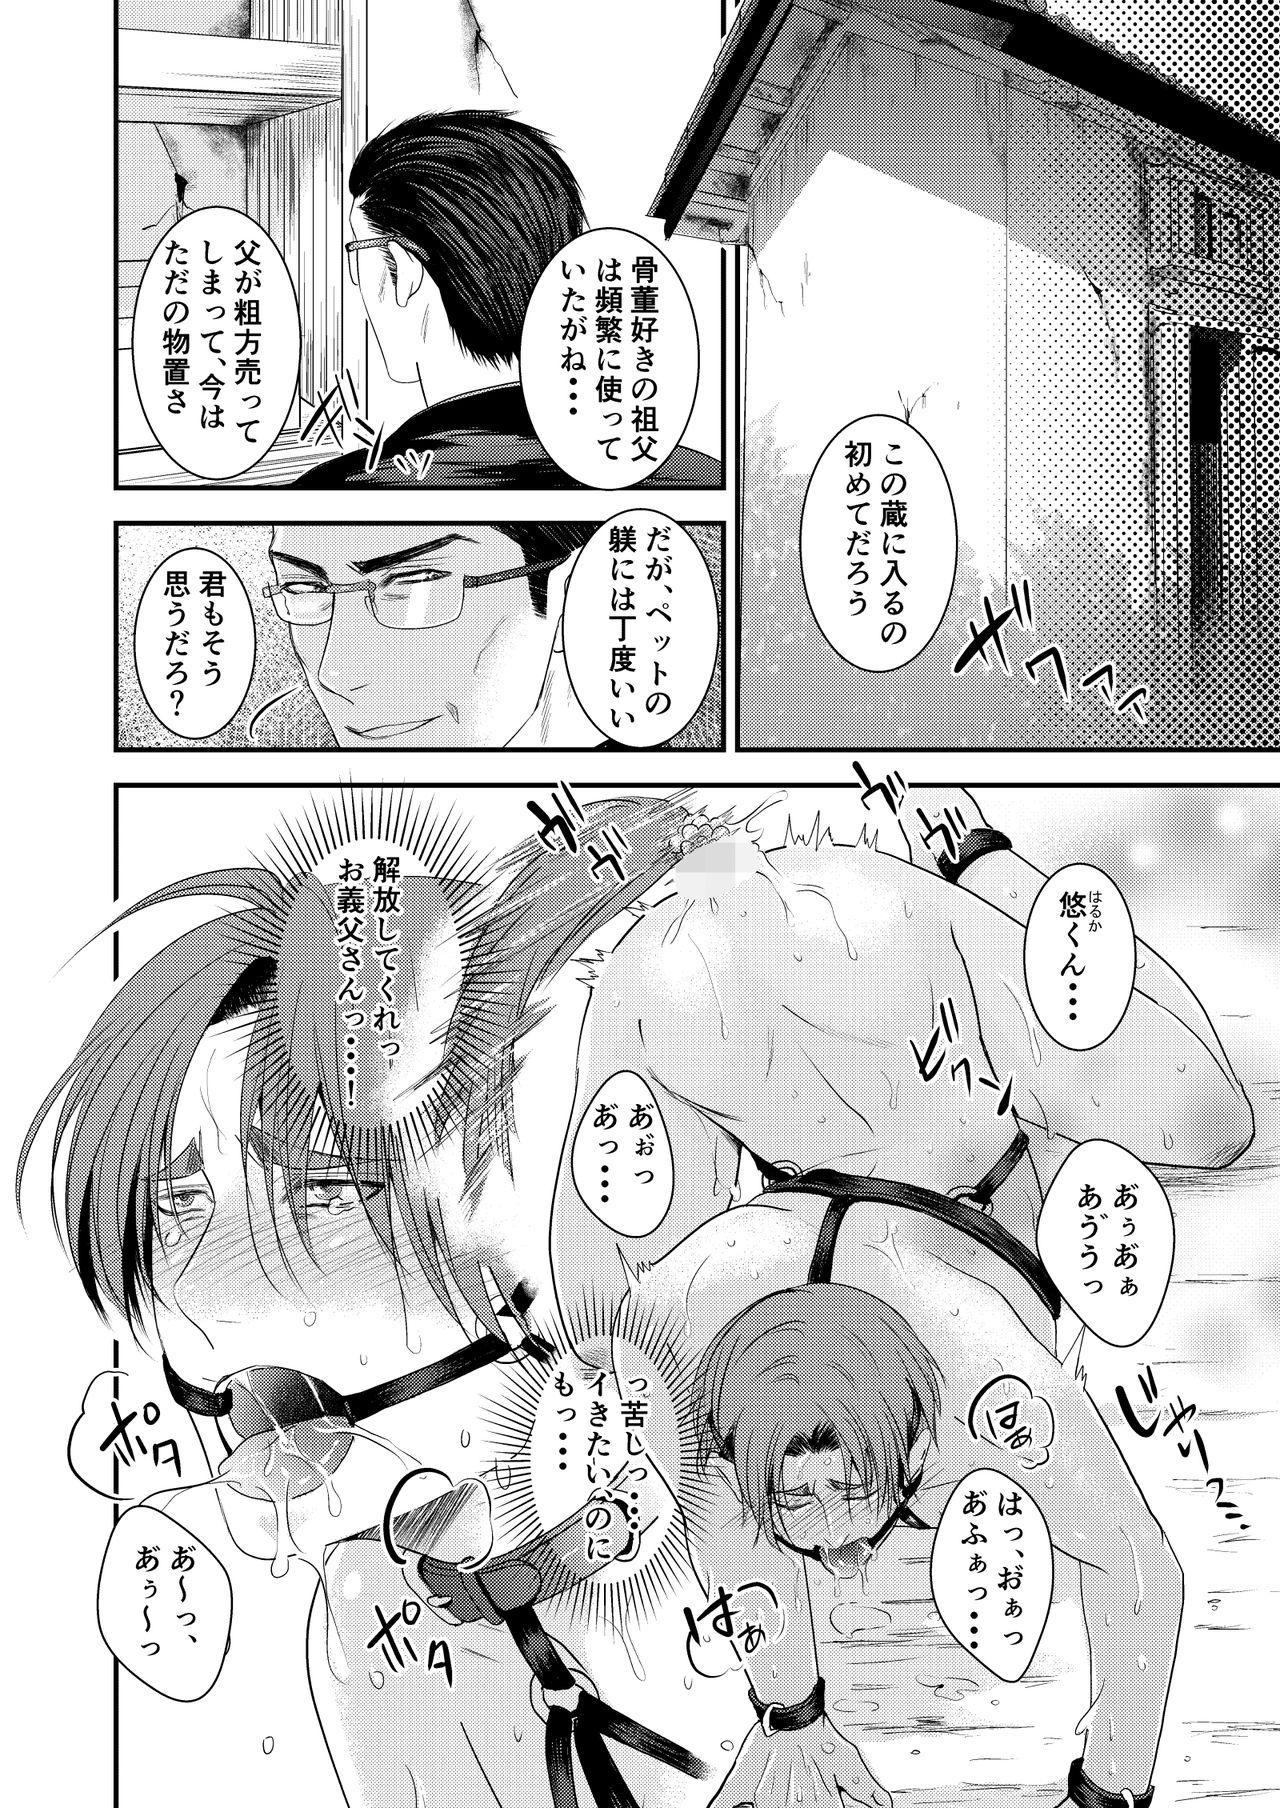 [Nengaranenjuu] Kono Ai wa Yamai ni Nite iru (Bangaihen) Shitsuke no Kura [Digital] 3